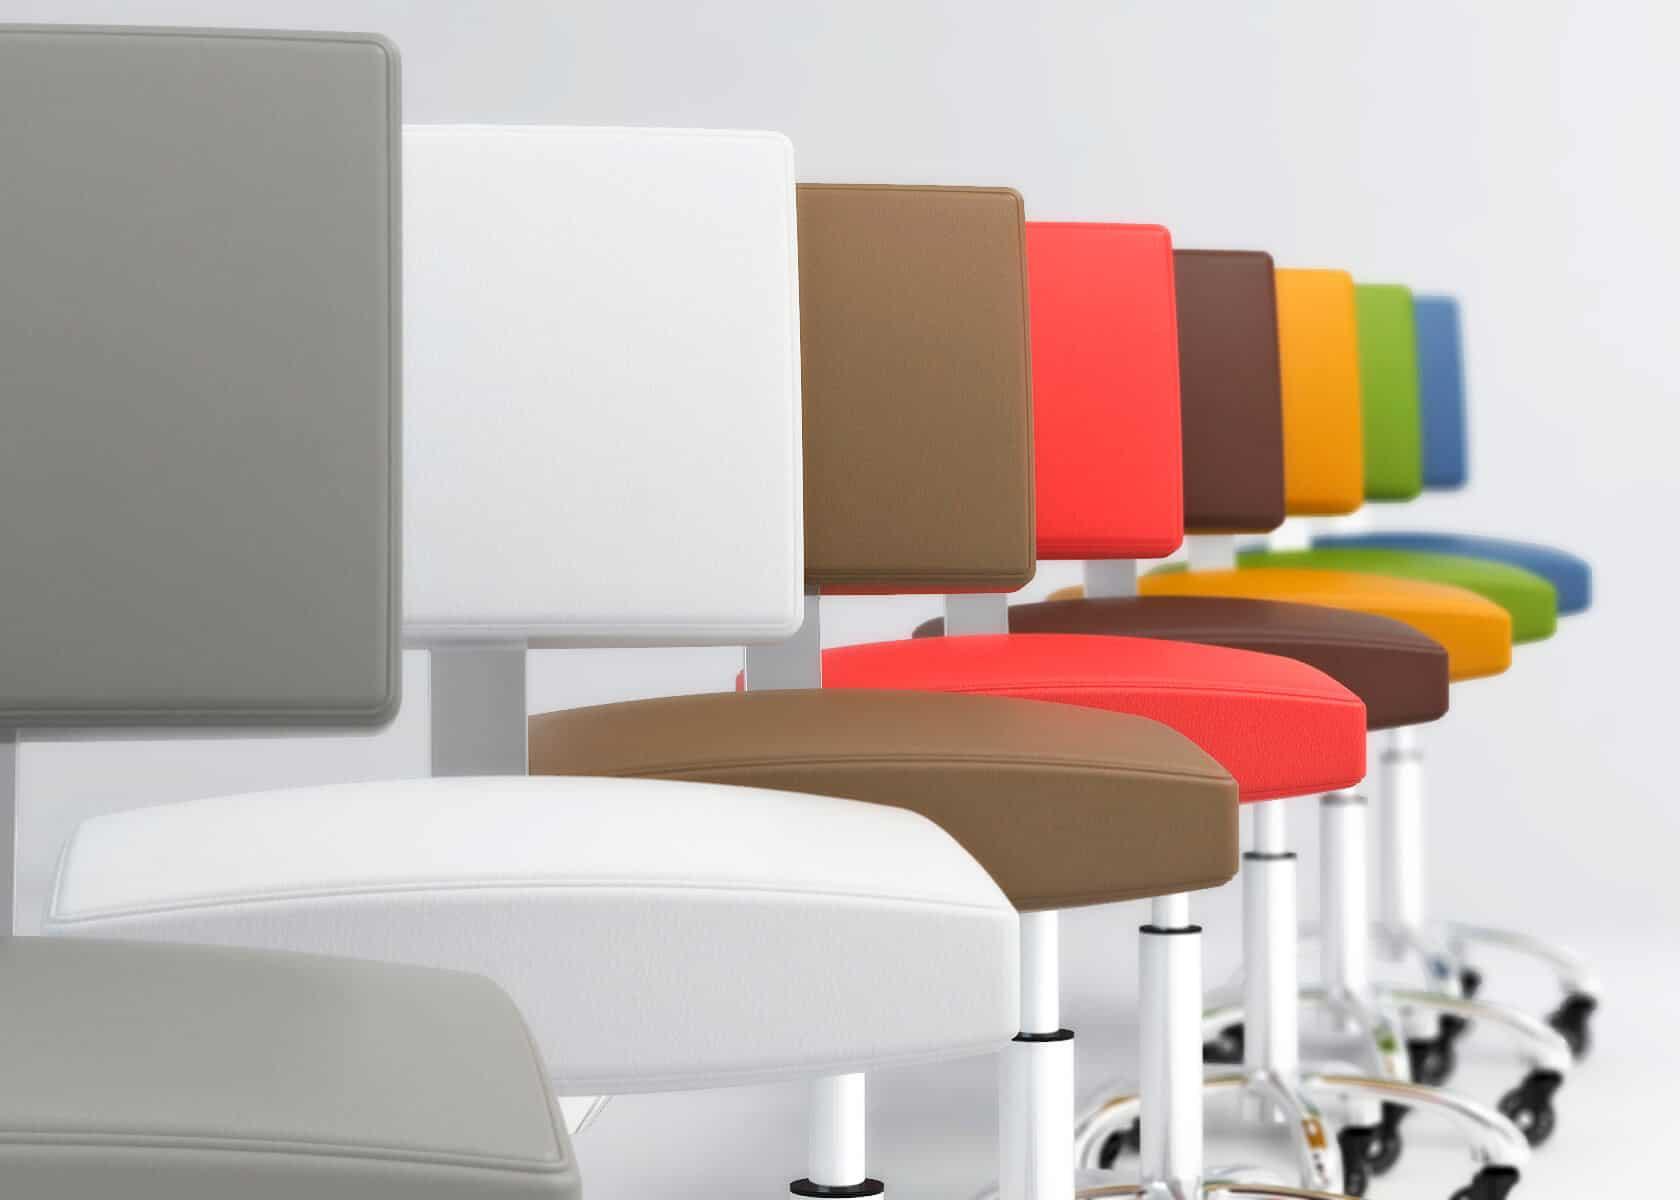 Distributeurs de mobilier pour salons de coiffure et barbershops